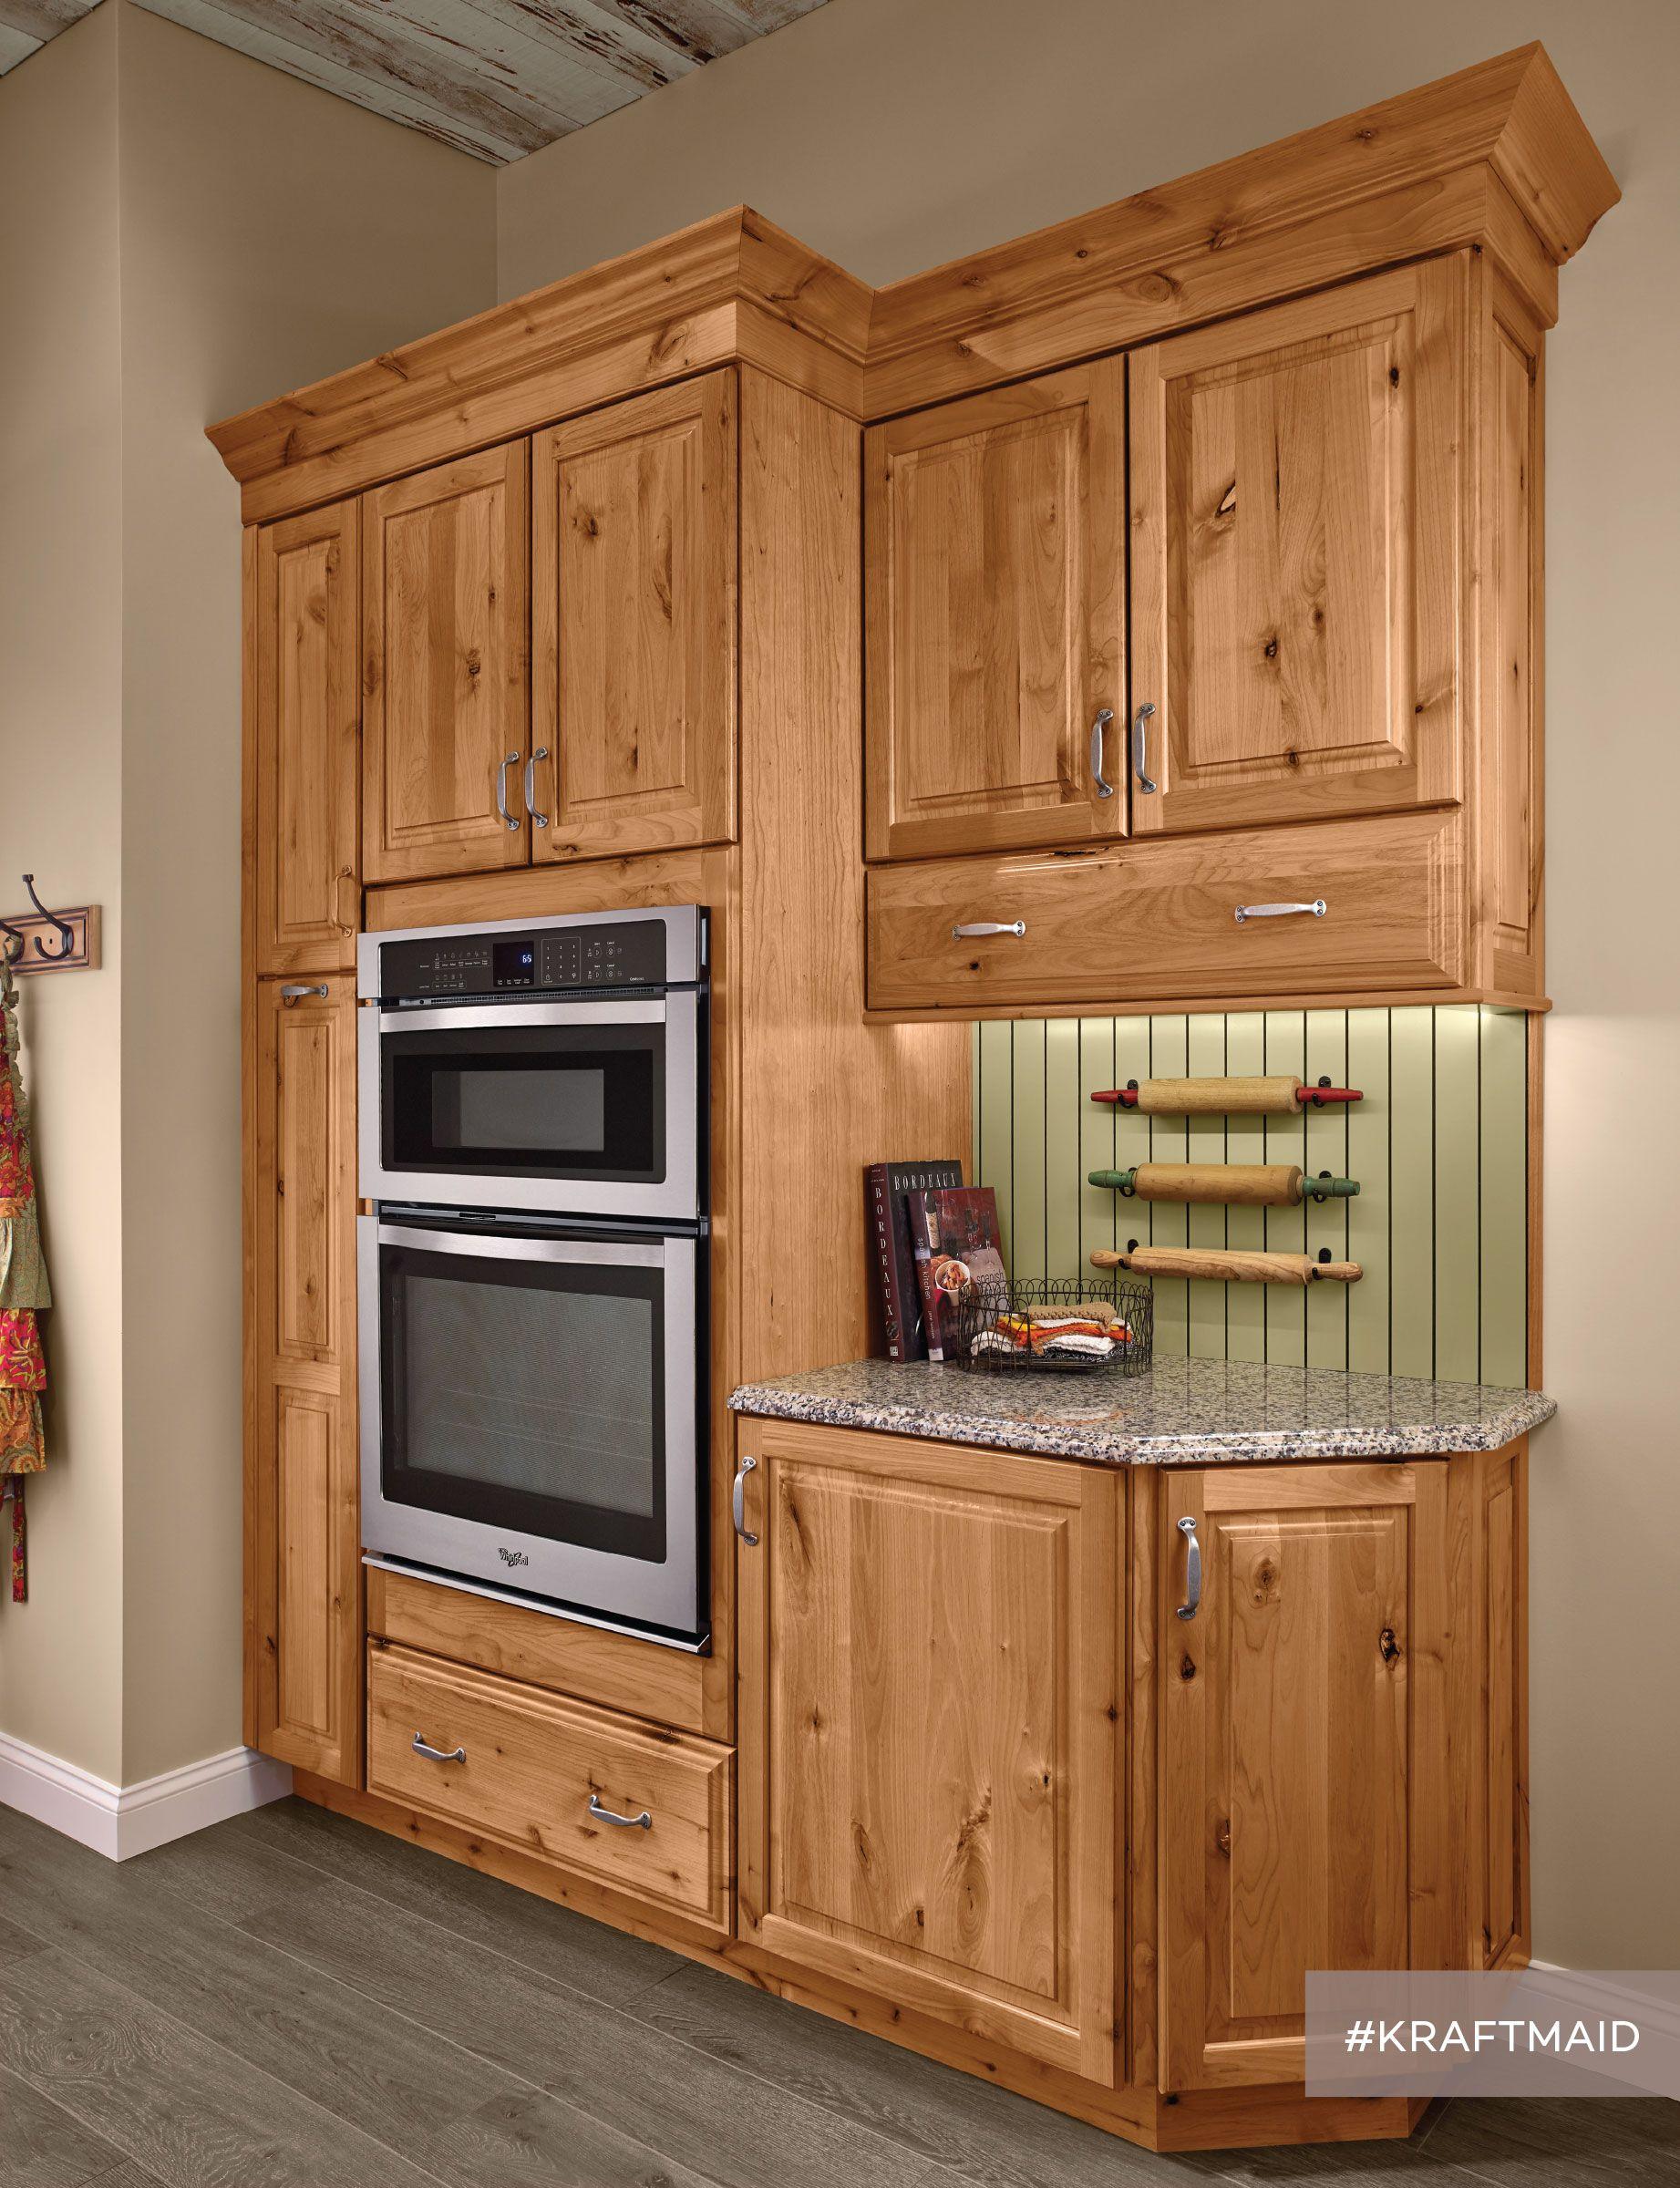 5 Storage Ideas To Make Life Easier In The Empty Nester Kitchen Kraftmaid Kitchens Alder Kitchen Cabinets Kraftmaid Kitchen Cabinets